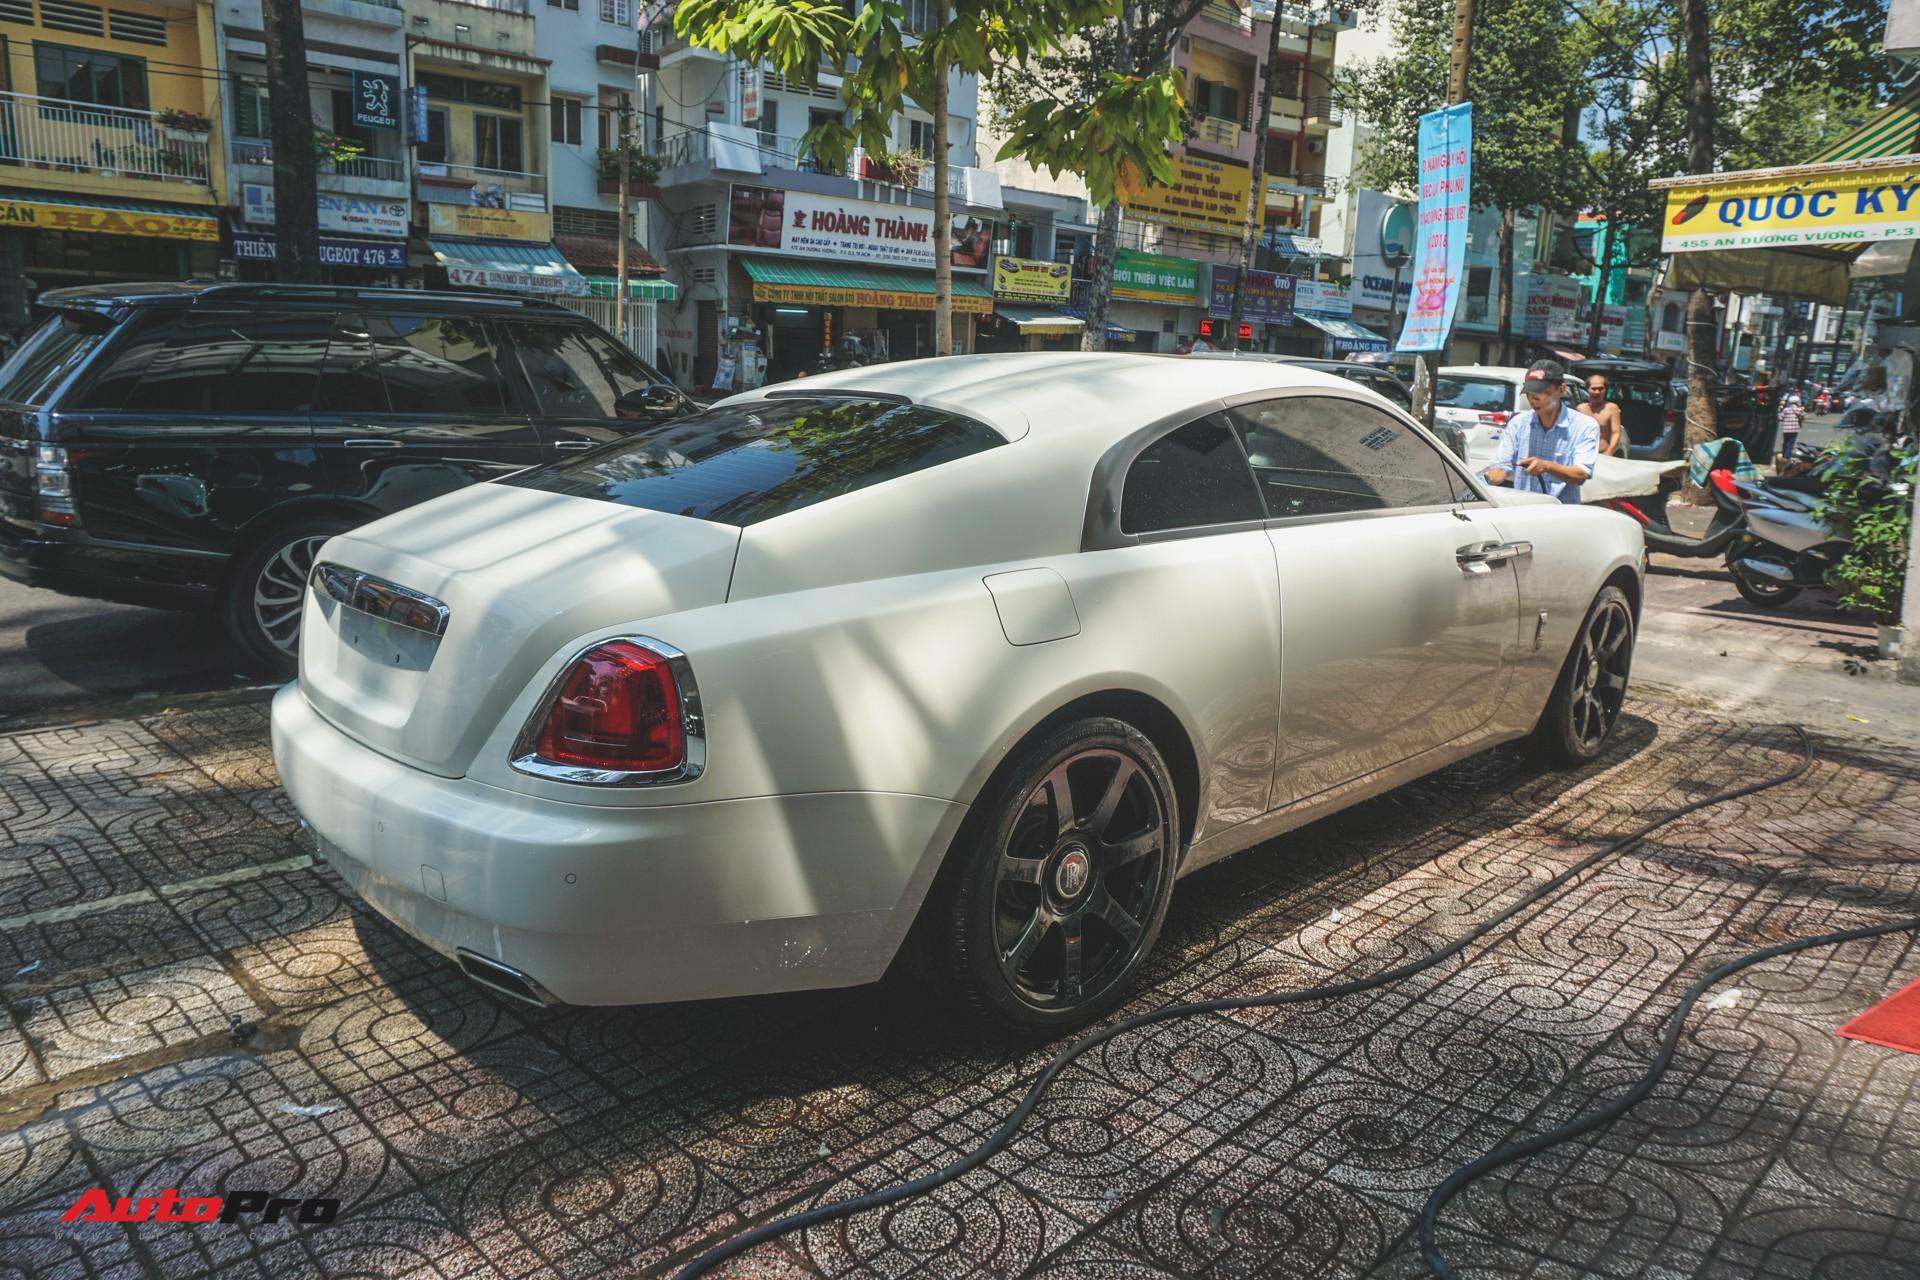 Ông chủ cafe Trung Nguyên mang 2 chiếc Rolls-Royce đến showroom để bán và làm đẹp - Ảnh 6.